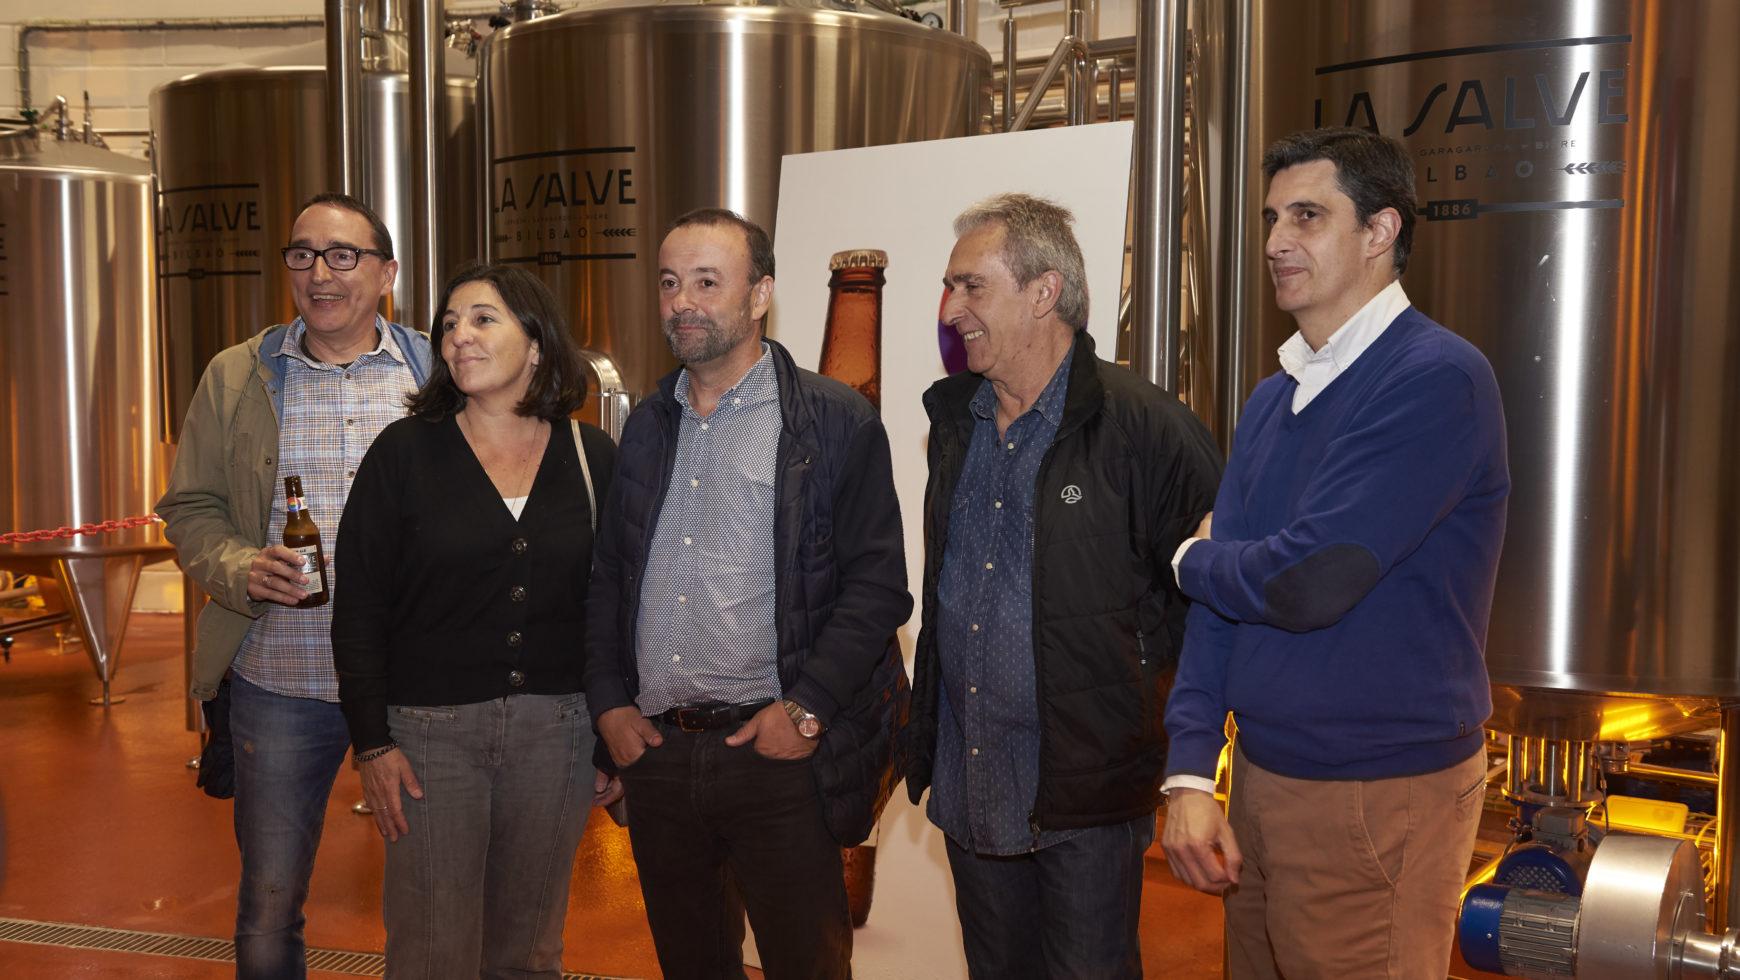 Visita a La Fabrica de Cerveza La Salve